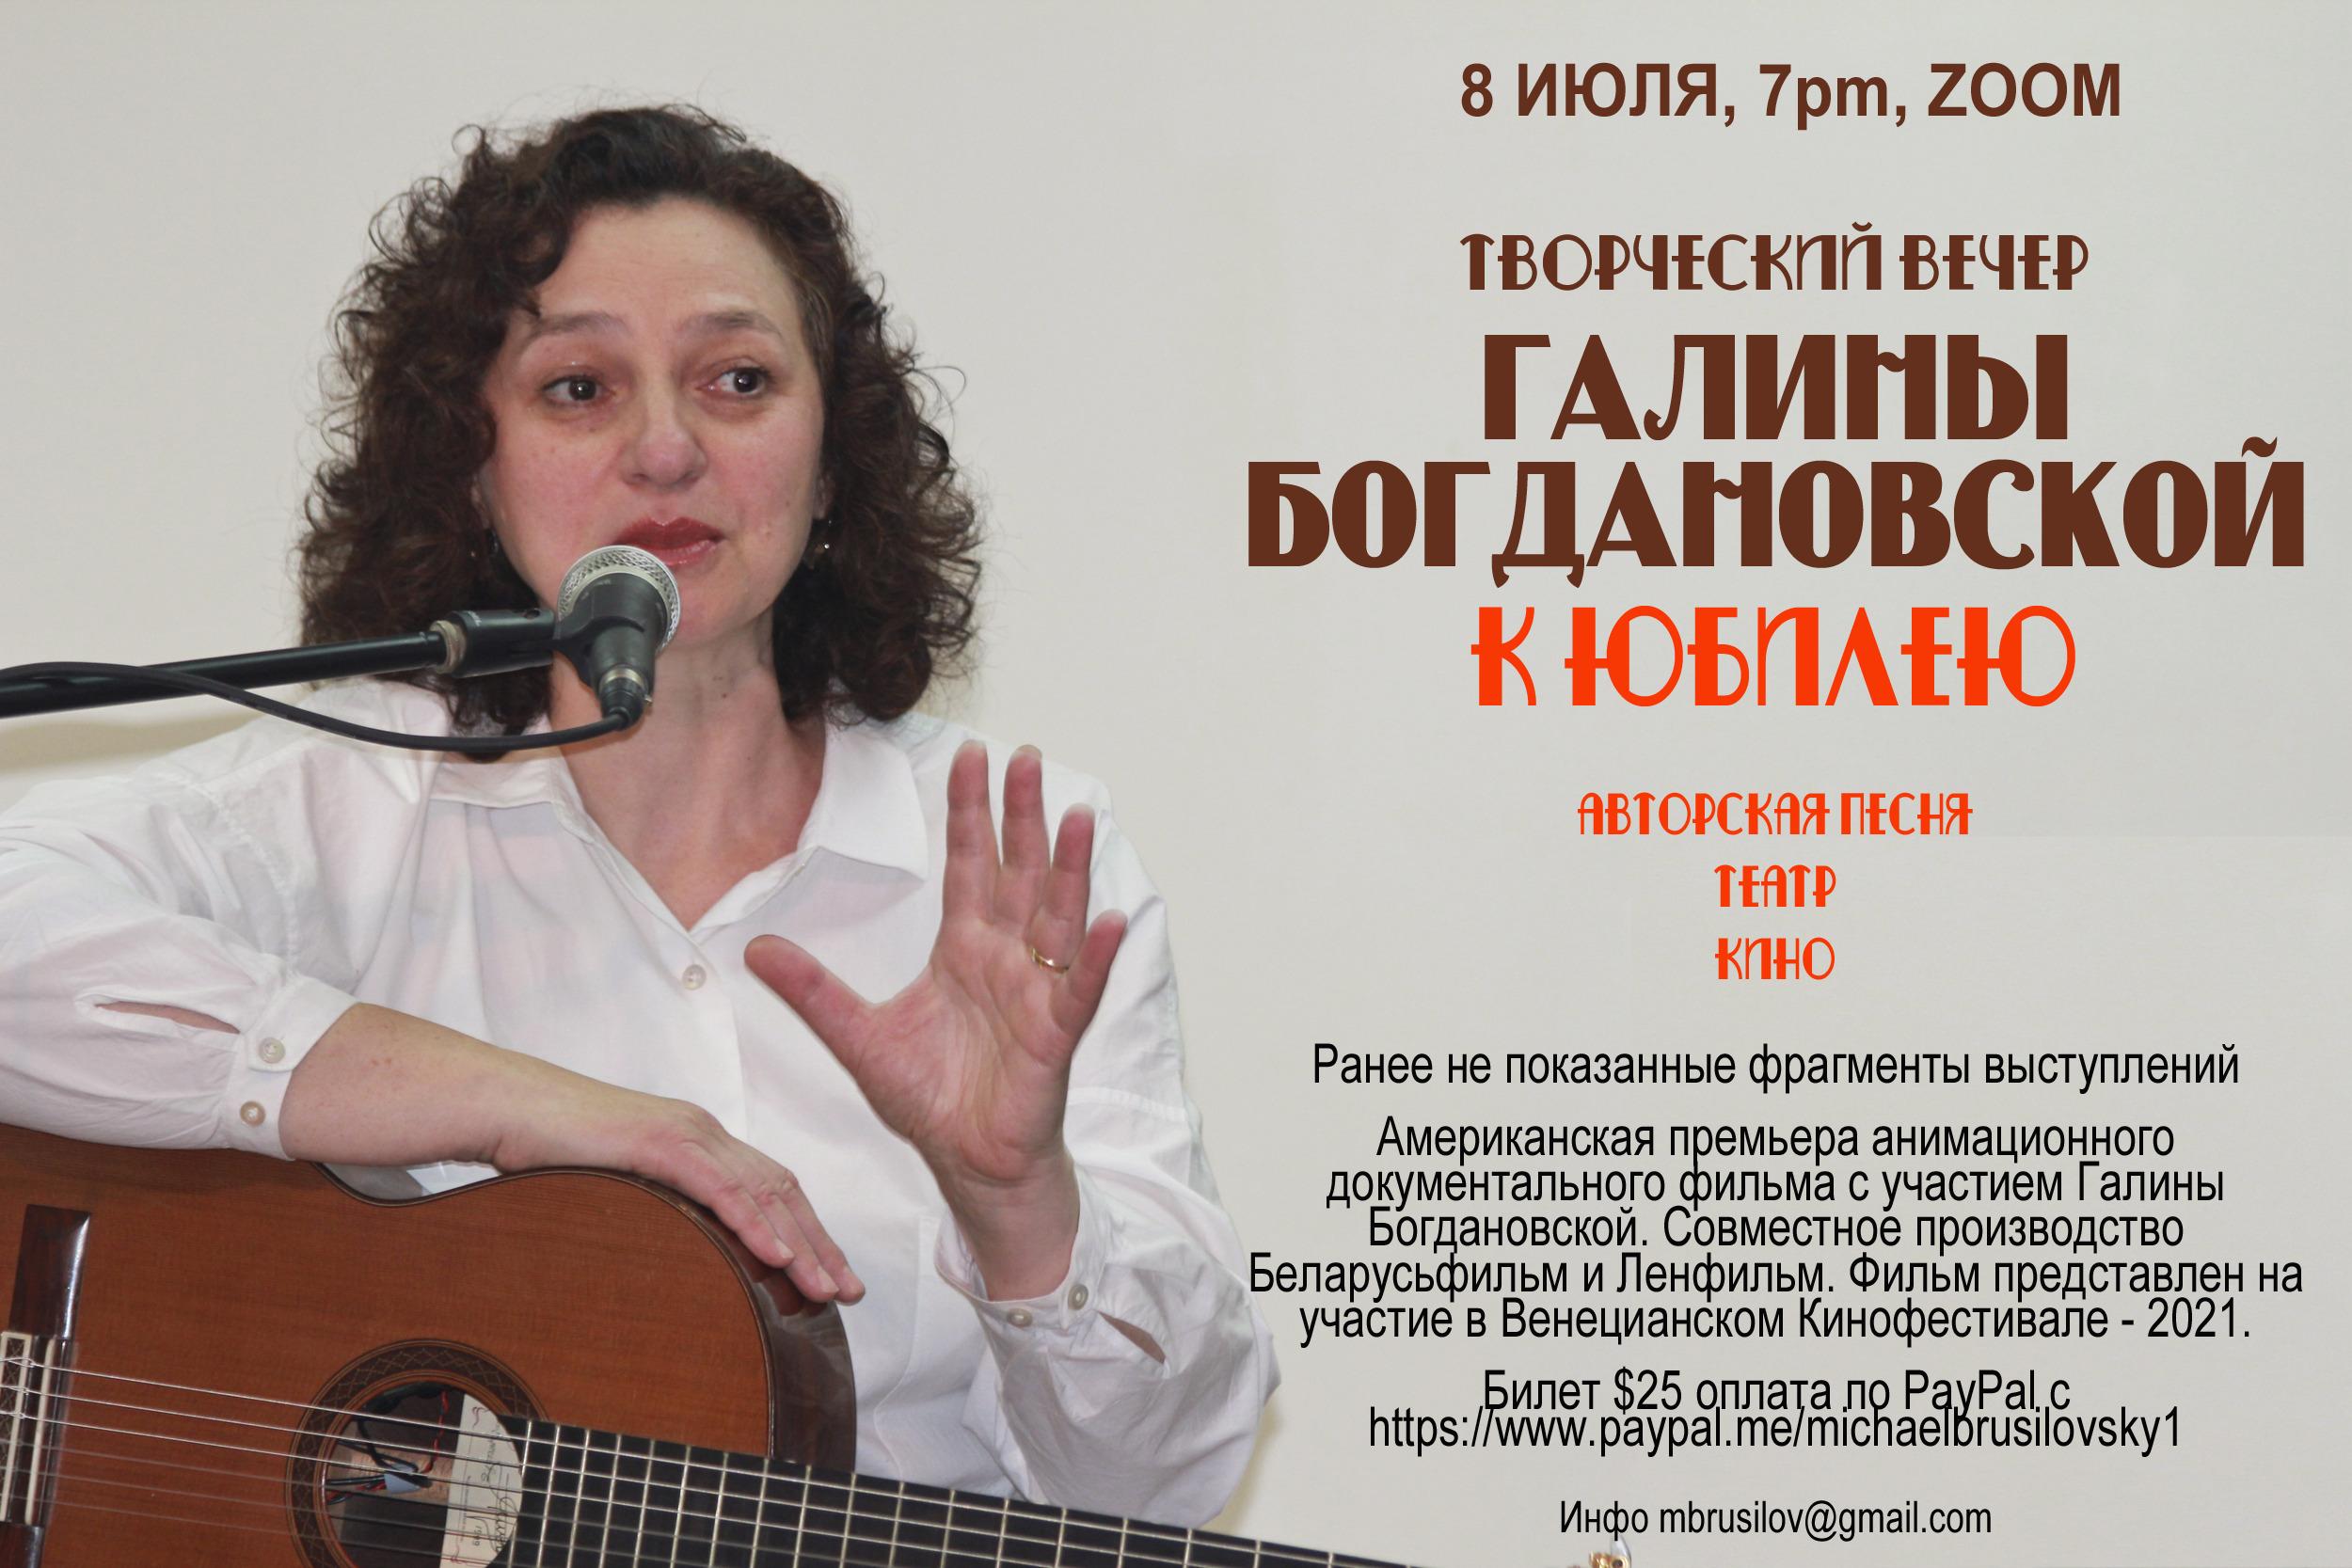 Творческий вечер Галины Богдановской